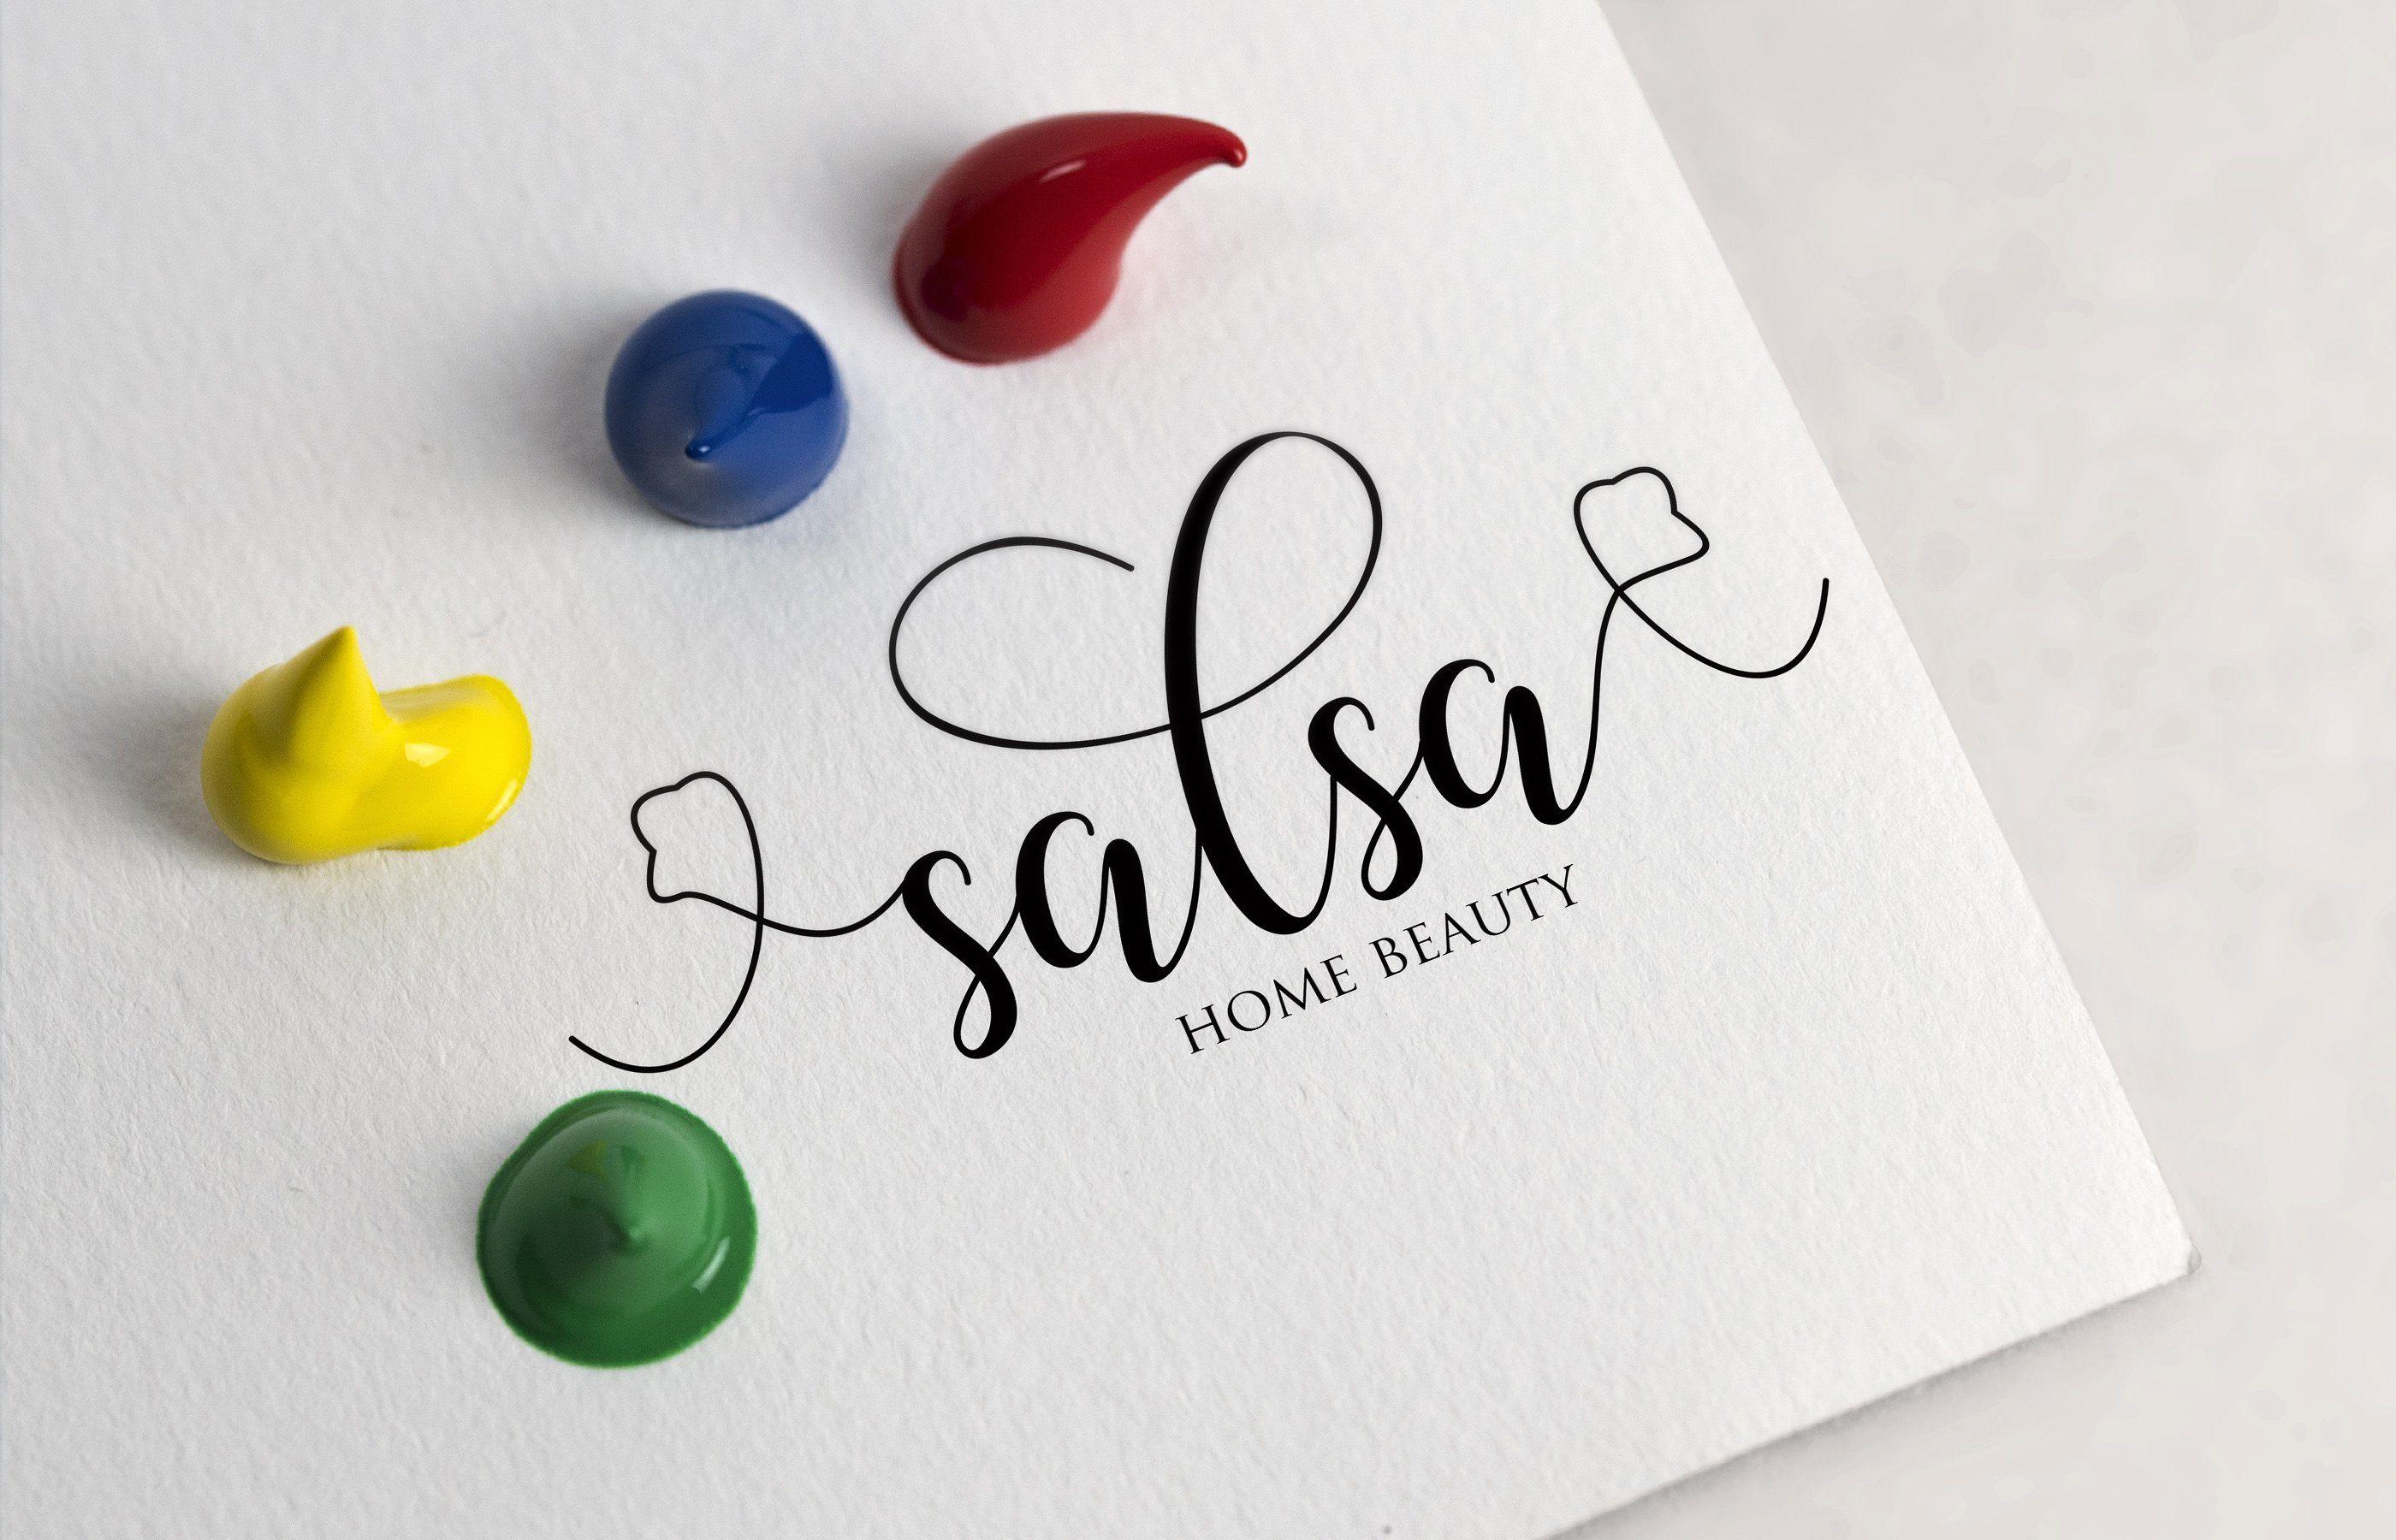 NEW Chalala Script All fonts, Creative, Branding materials